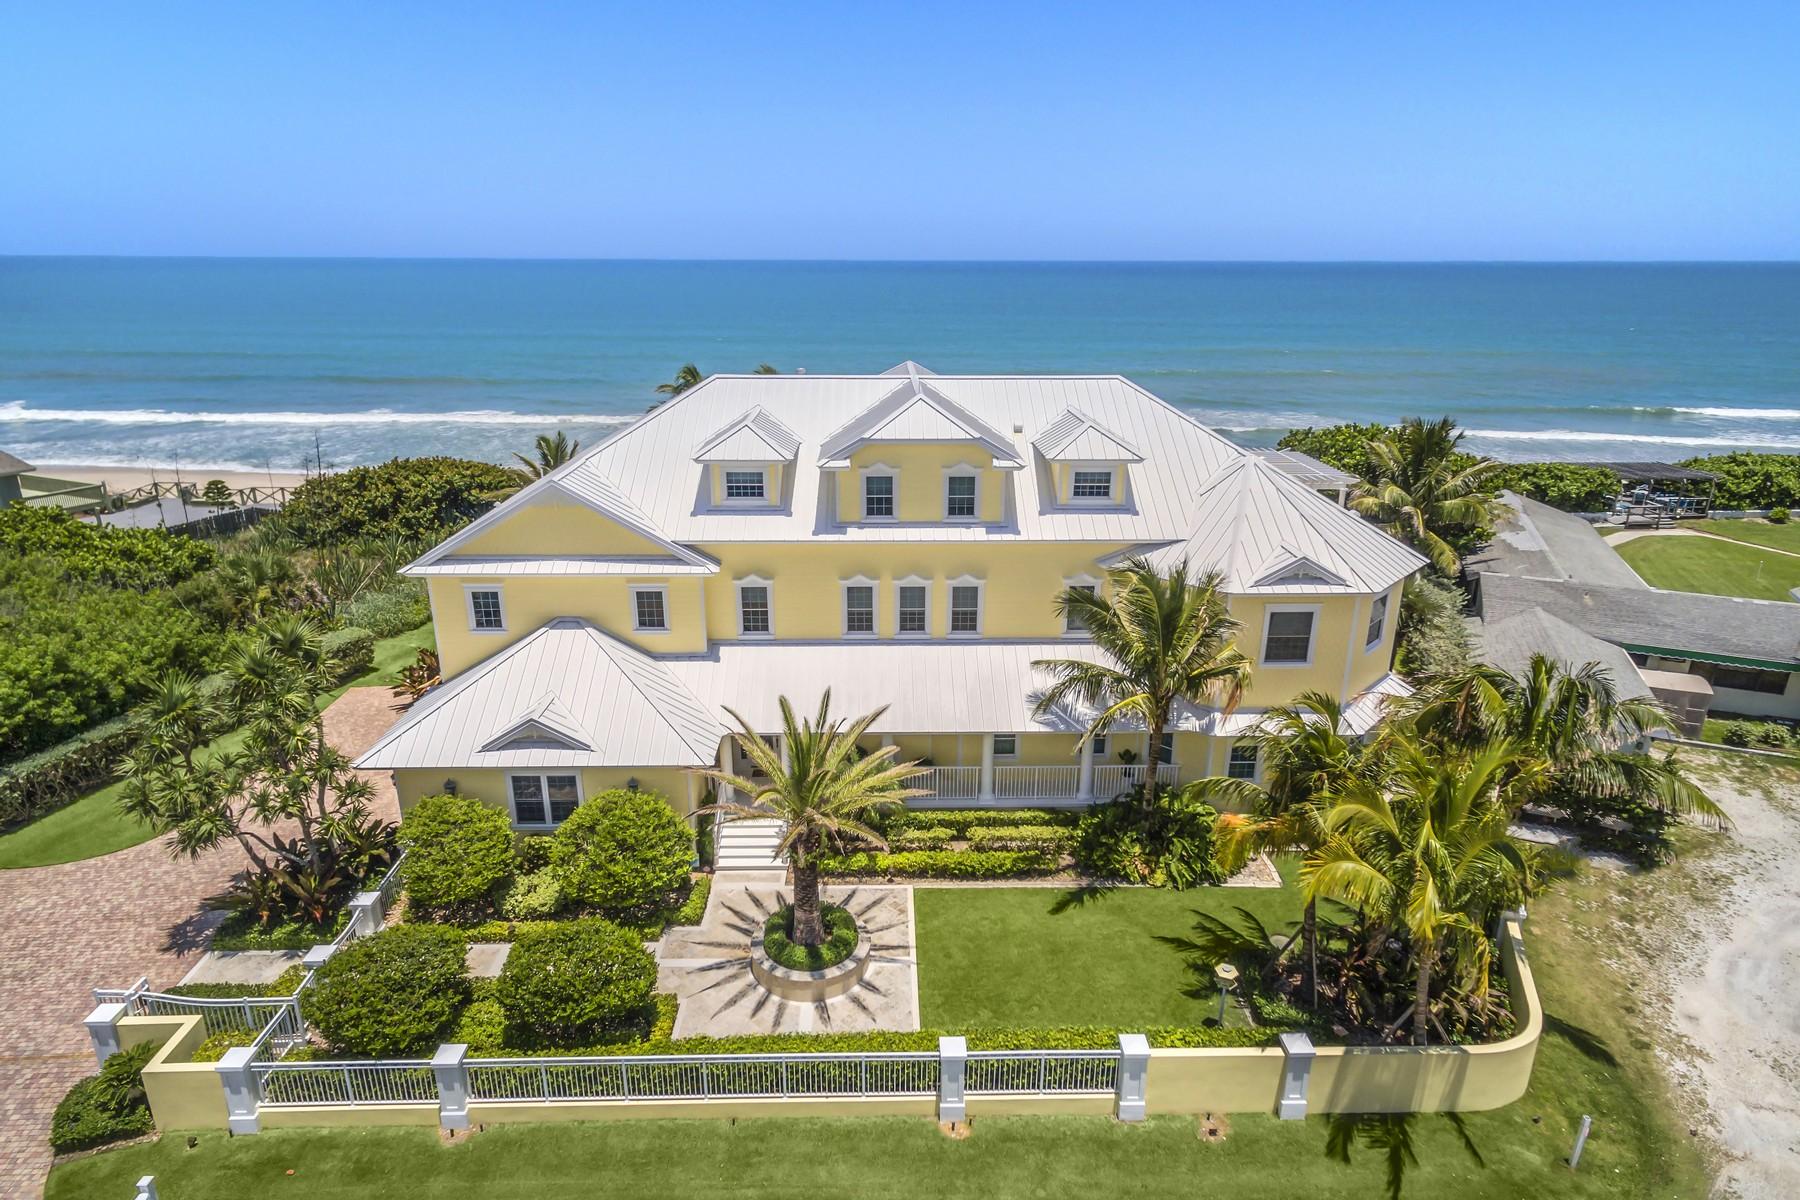 Частный односемейный дом для того Продажа на 5045 Highway A1A Melbourne Beach, Флорида, 32951 Соединенные Штаты